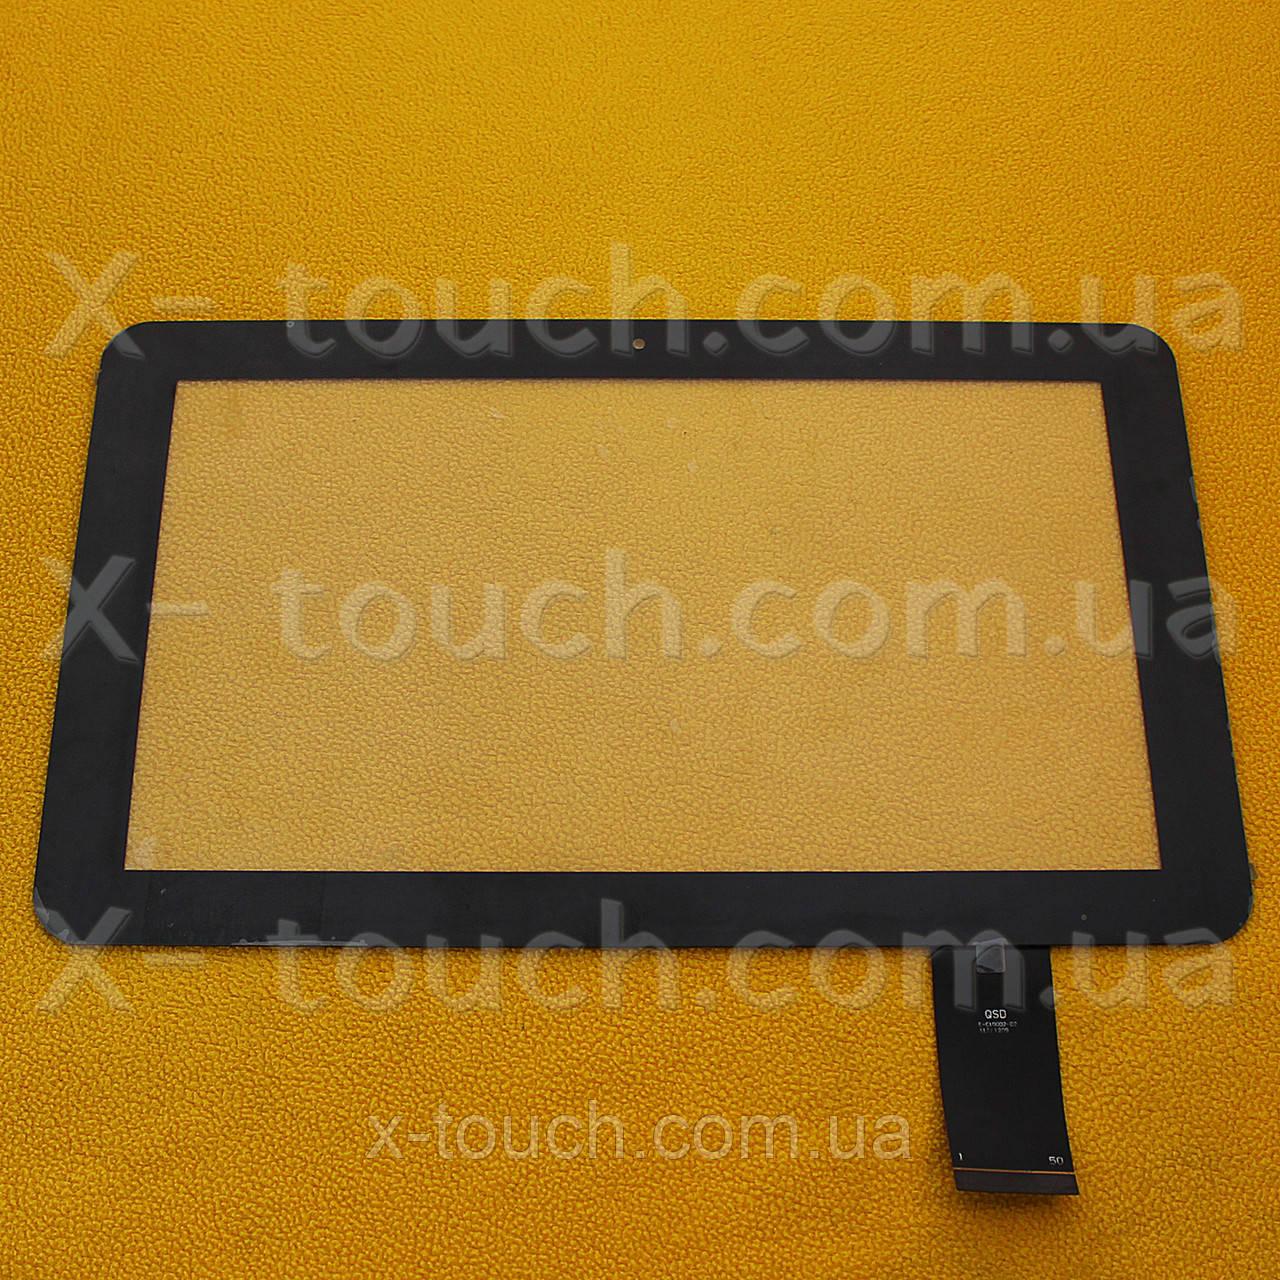 Тачскрин, сенсор  QSD E-C10002-02  для планшета